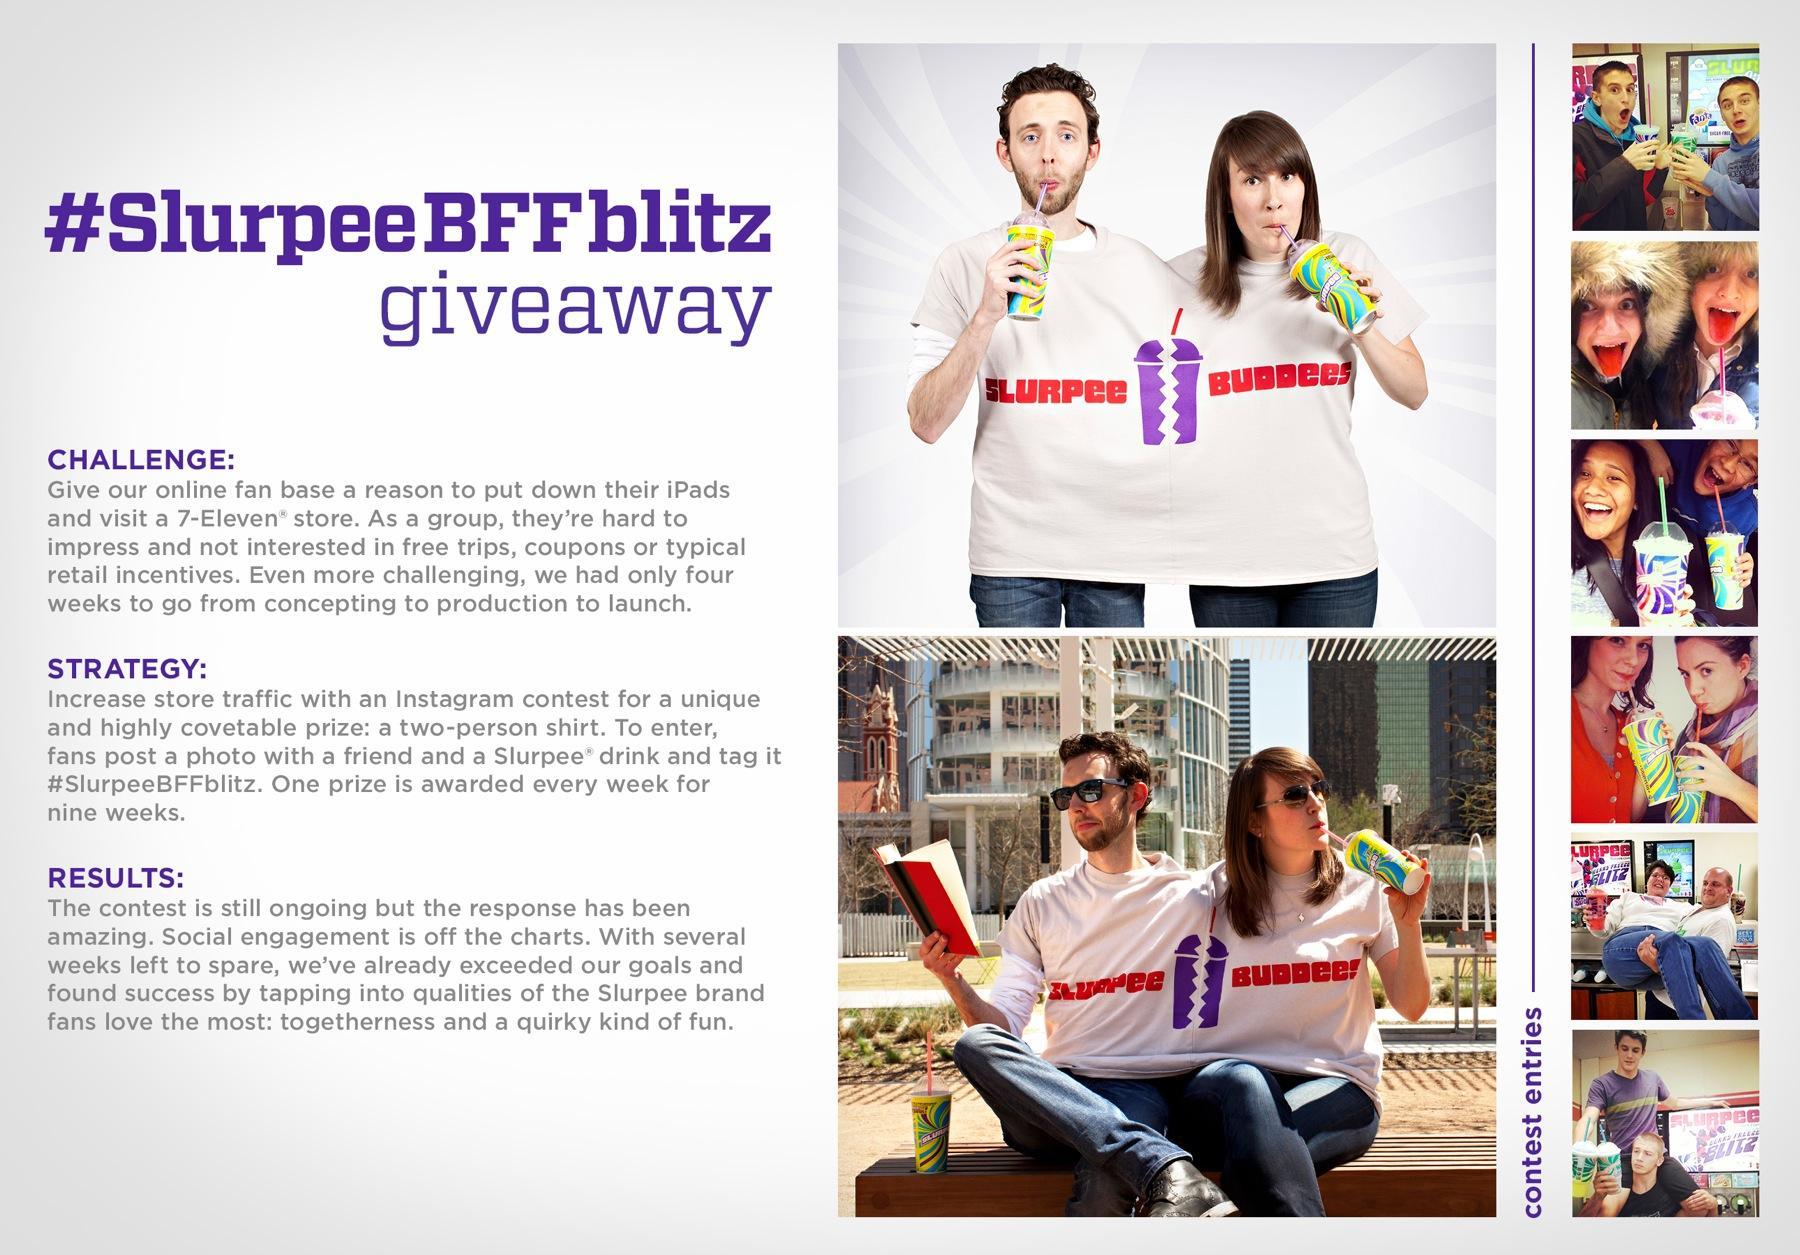 Slurpee Ambient Ad -   #SlurpeeBFFbitz Giveaway